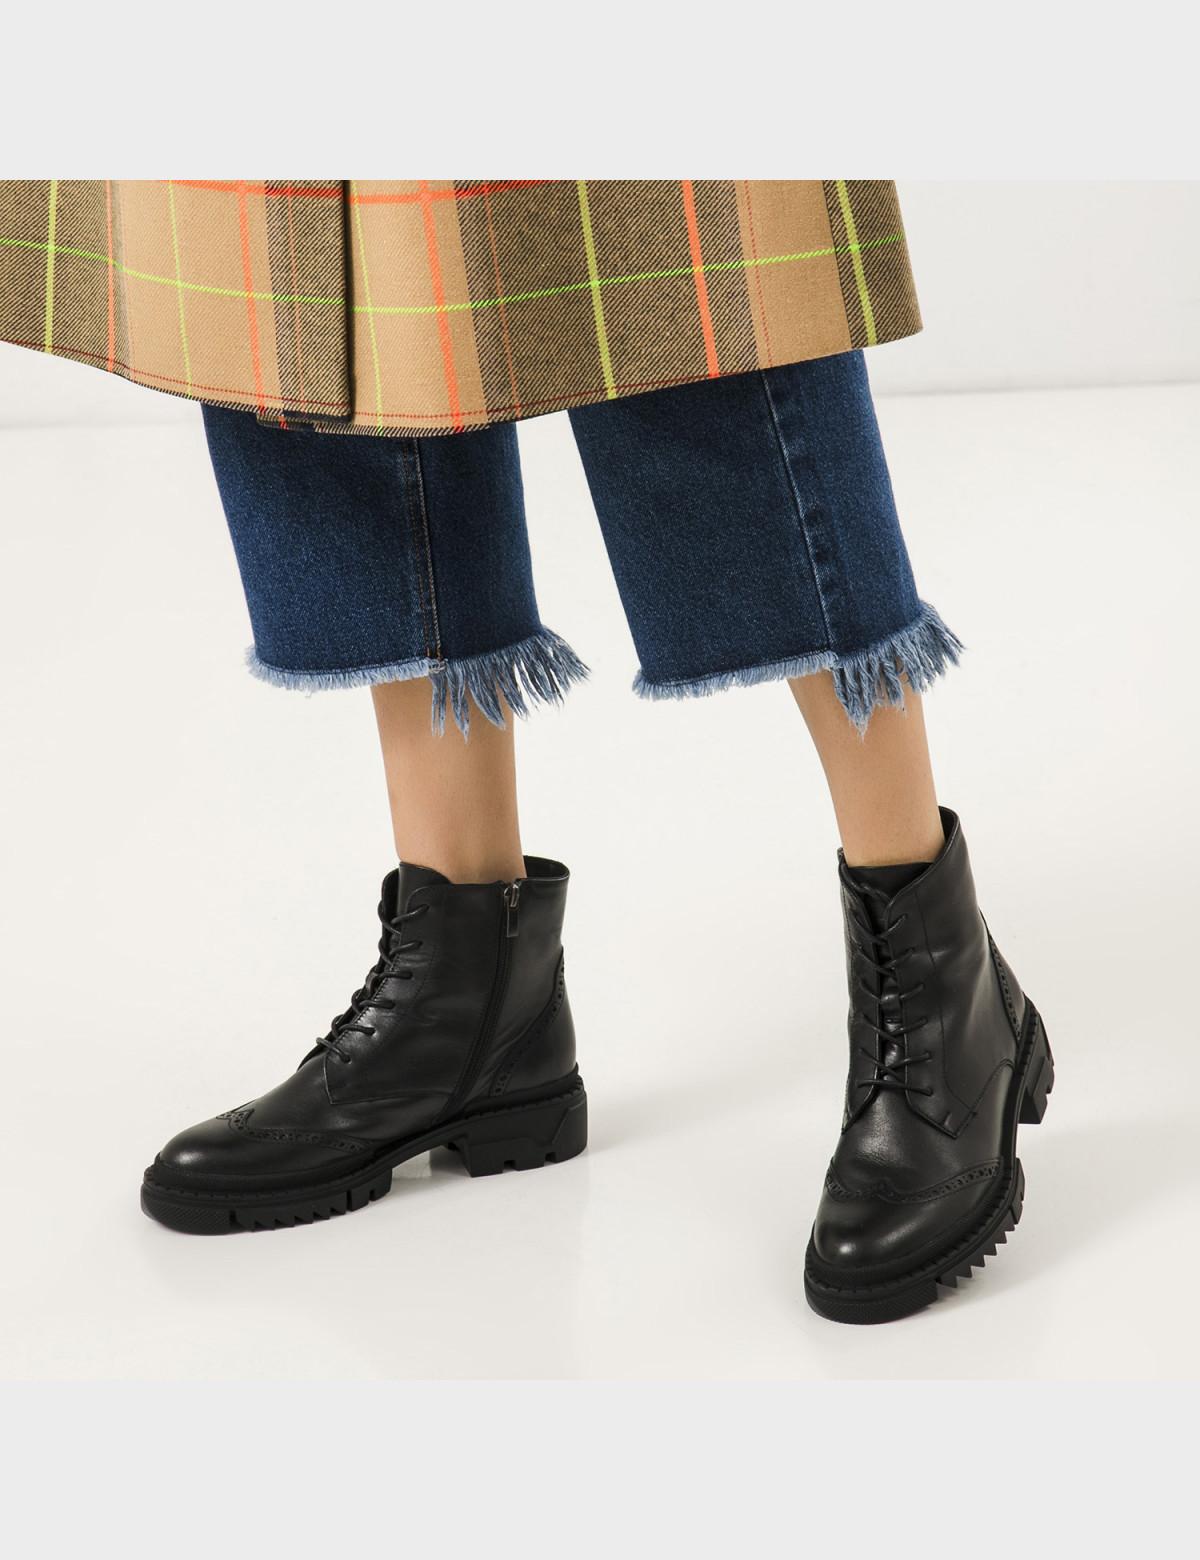 Ботинки черные, натуральная кожа. Шерсть3